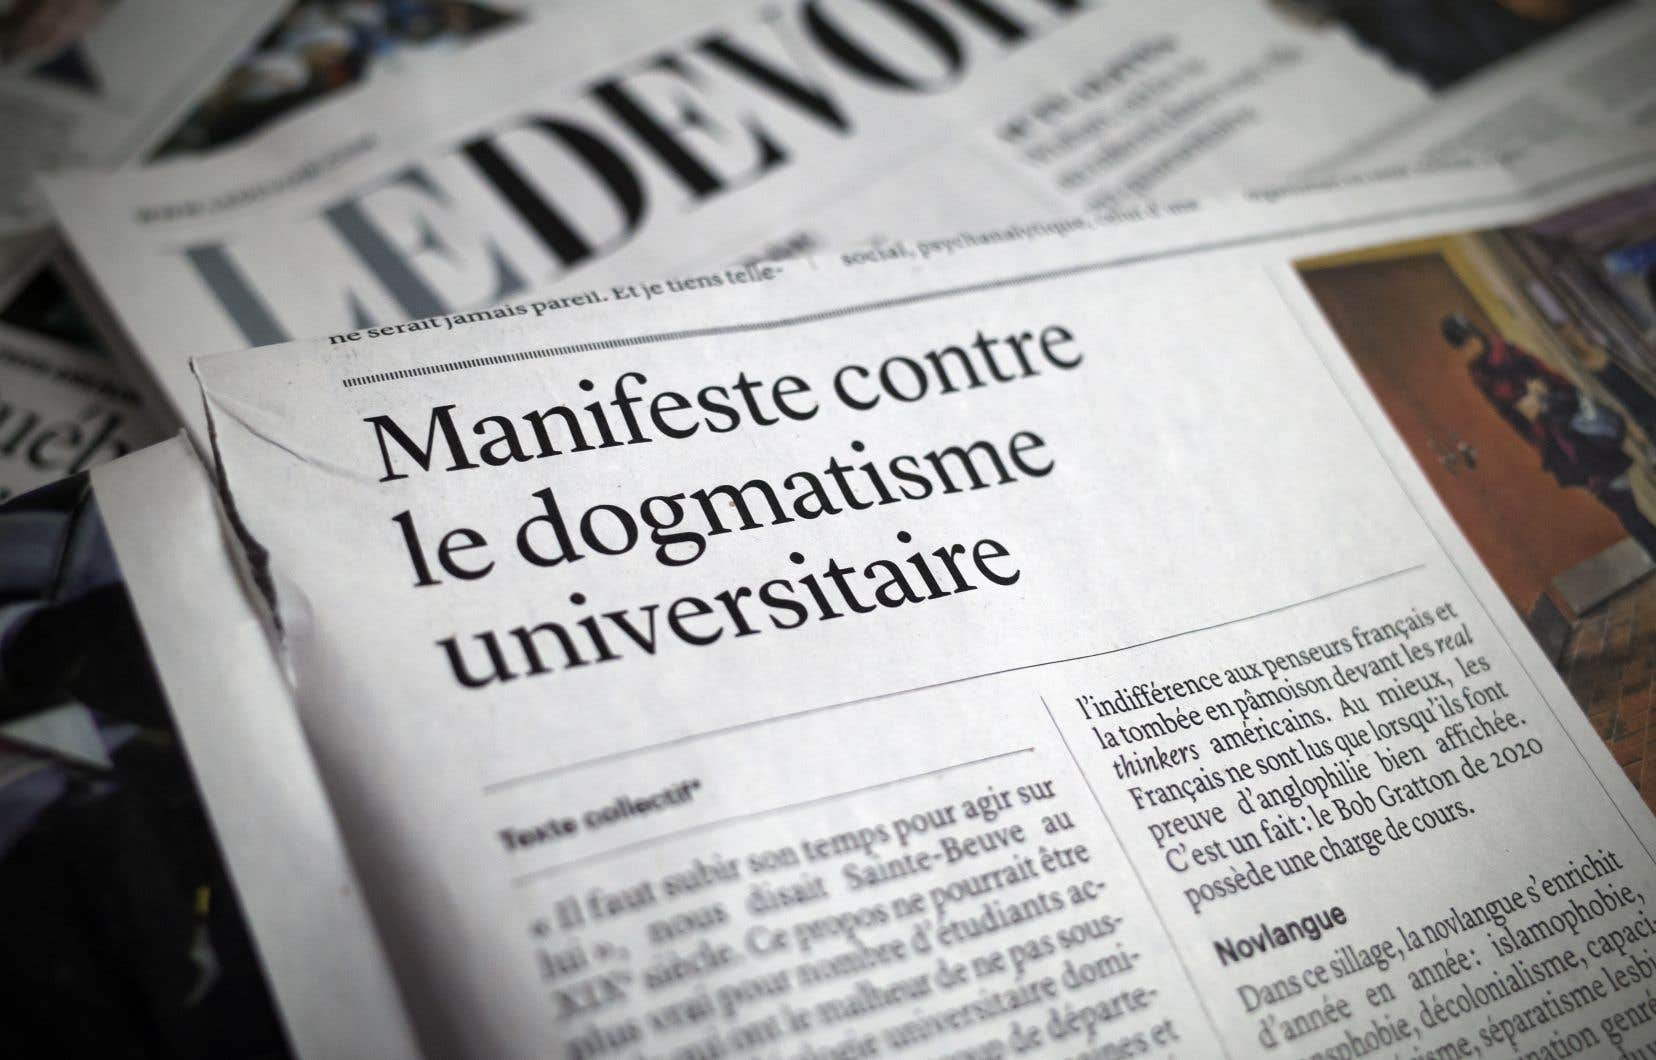 «Les signataires du manifeste expriment leur opinion, une position forte», dit l'historien Martin Pâquet de l'Université Laval.